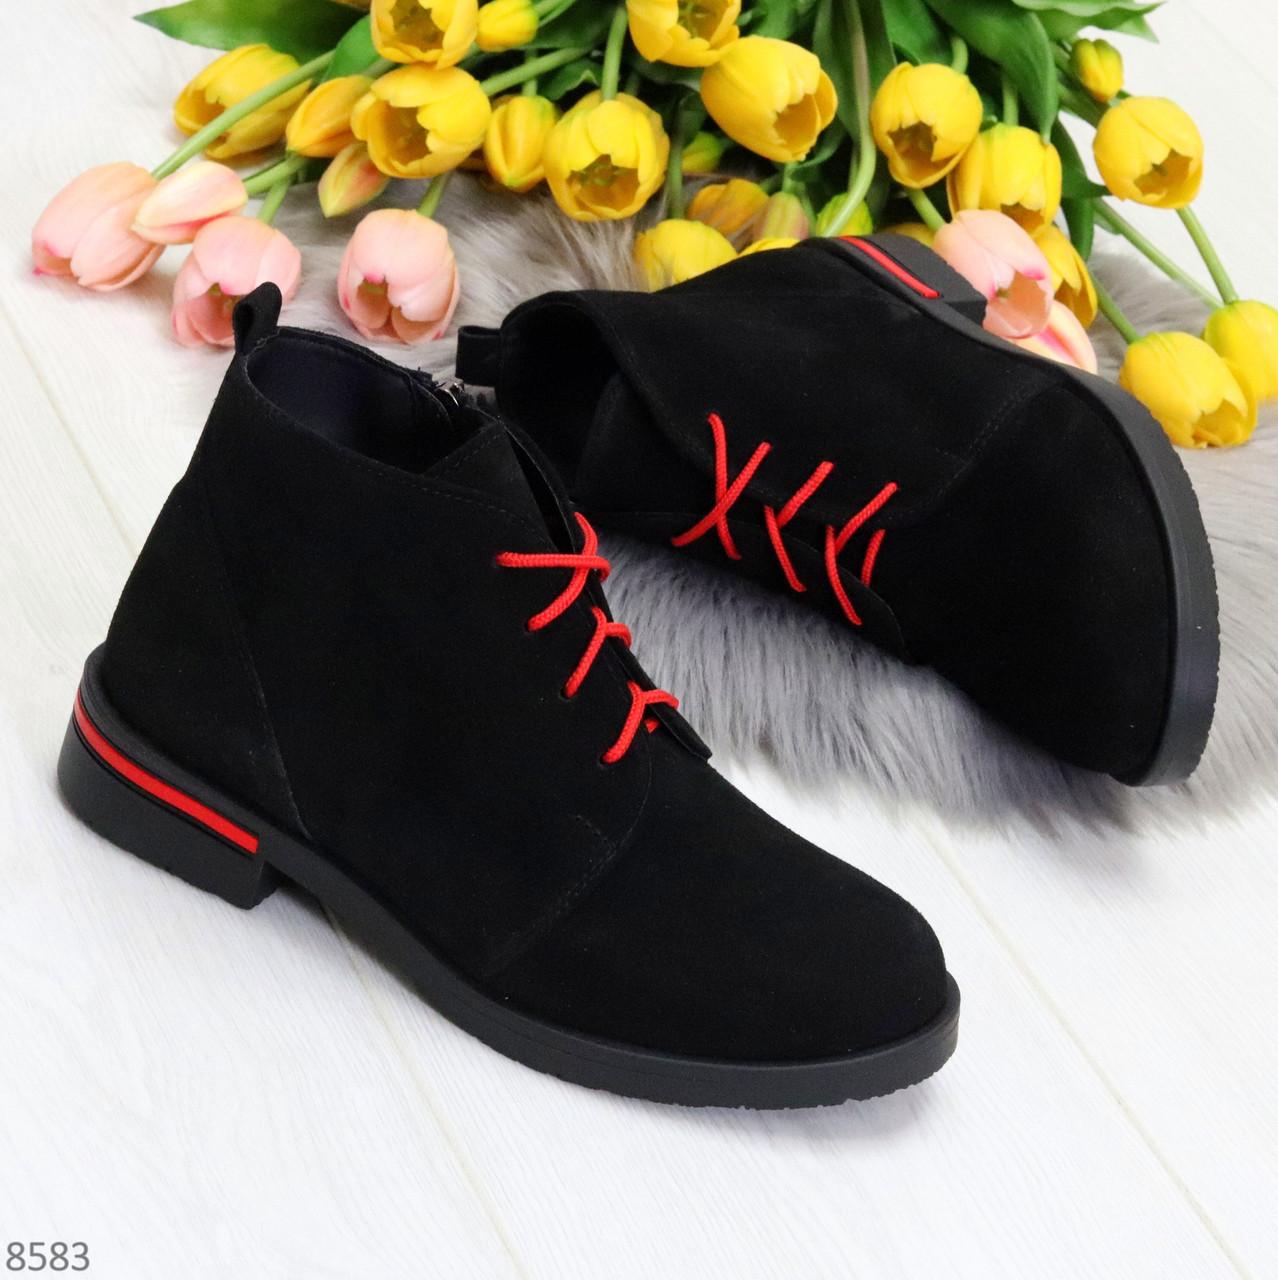 Модные черные женские ботинки из натуральной замши на яркой шнуровке